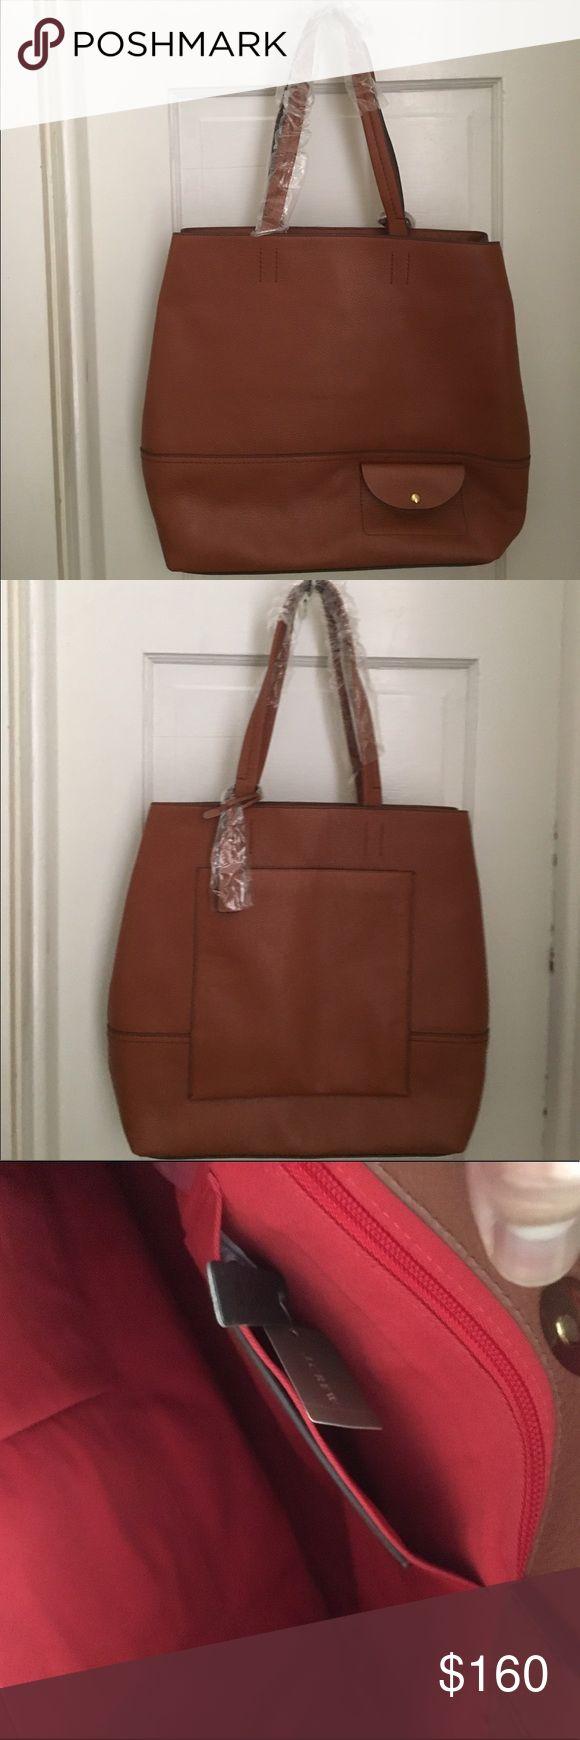 """J Crew tote bag. New with tags. Size 13 3/4"""" H x 13 1/4 W x 4 7/8 D.Roasted Chestnut color. J. Crew Bags"""